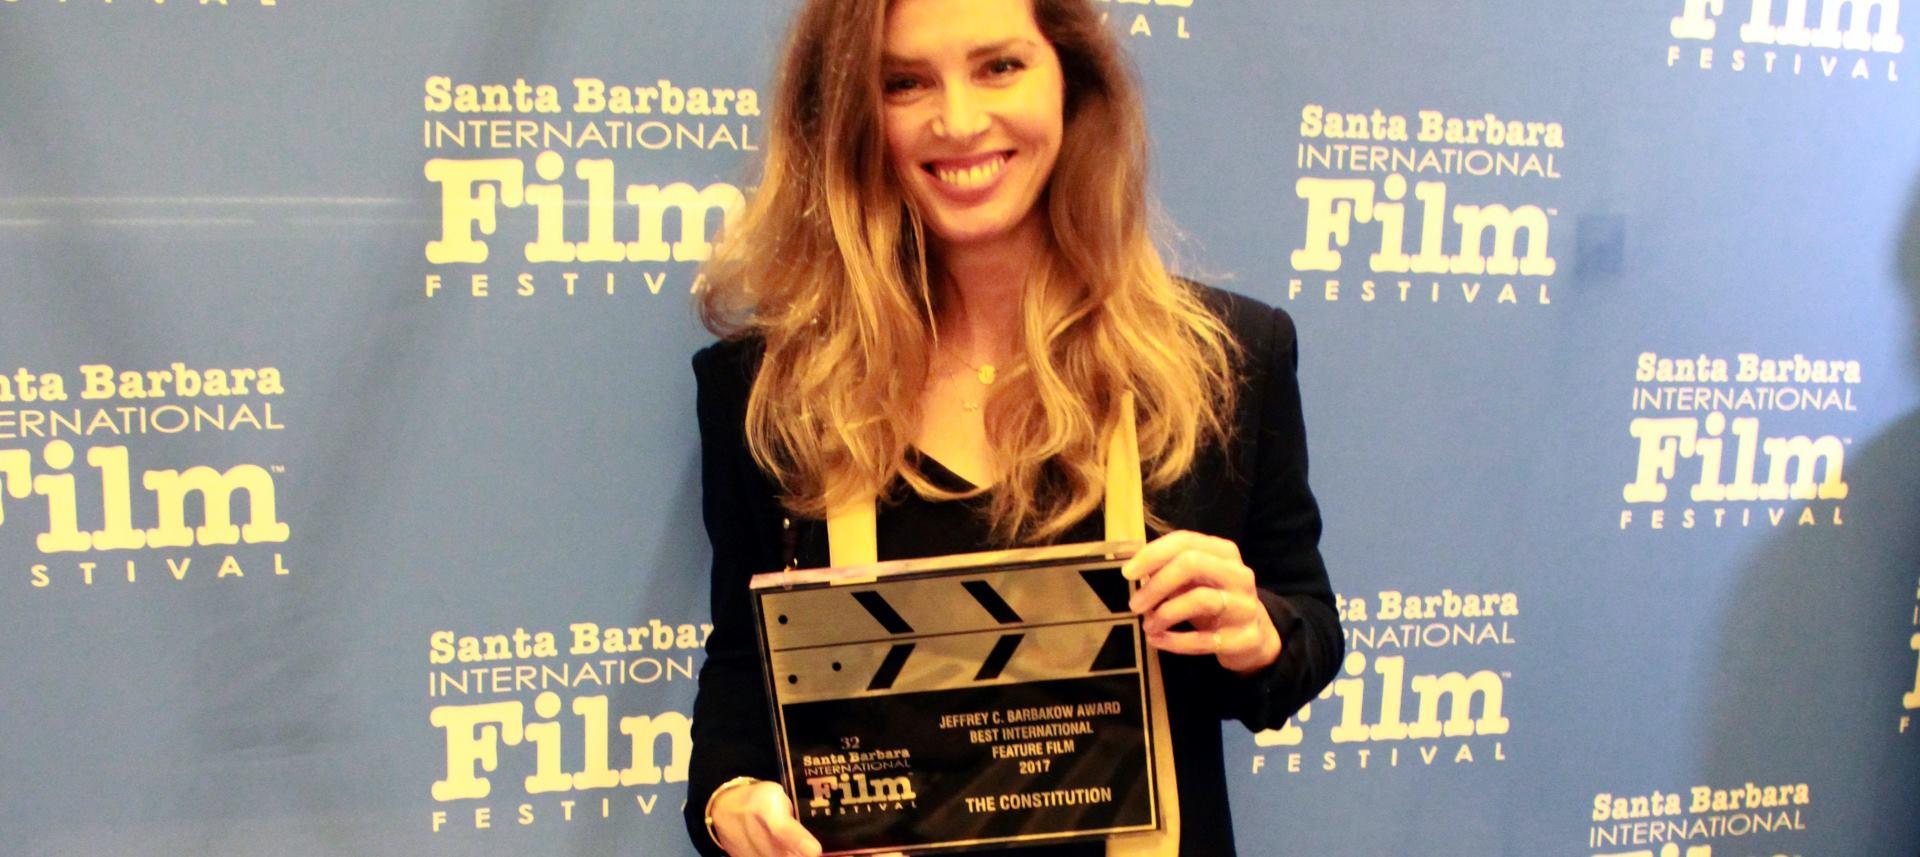 'Ustav Republike Hrvatske' osvojio nagradu za najbolji film u Santa Barbari